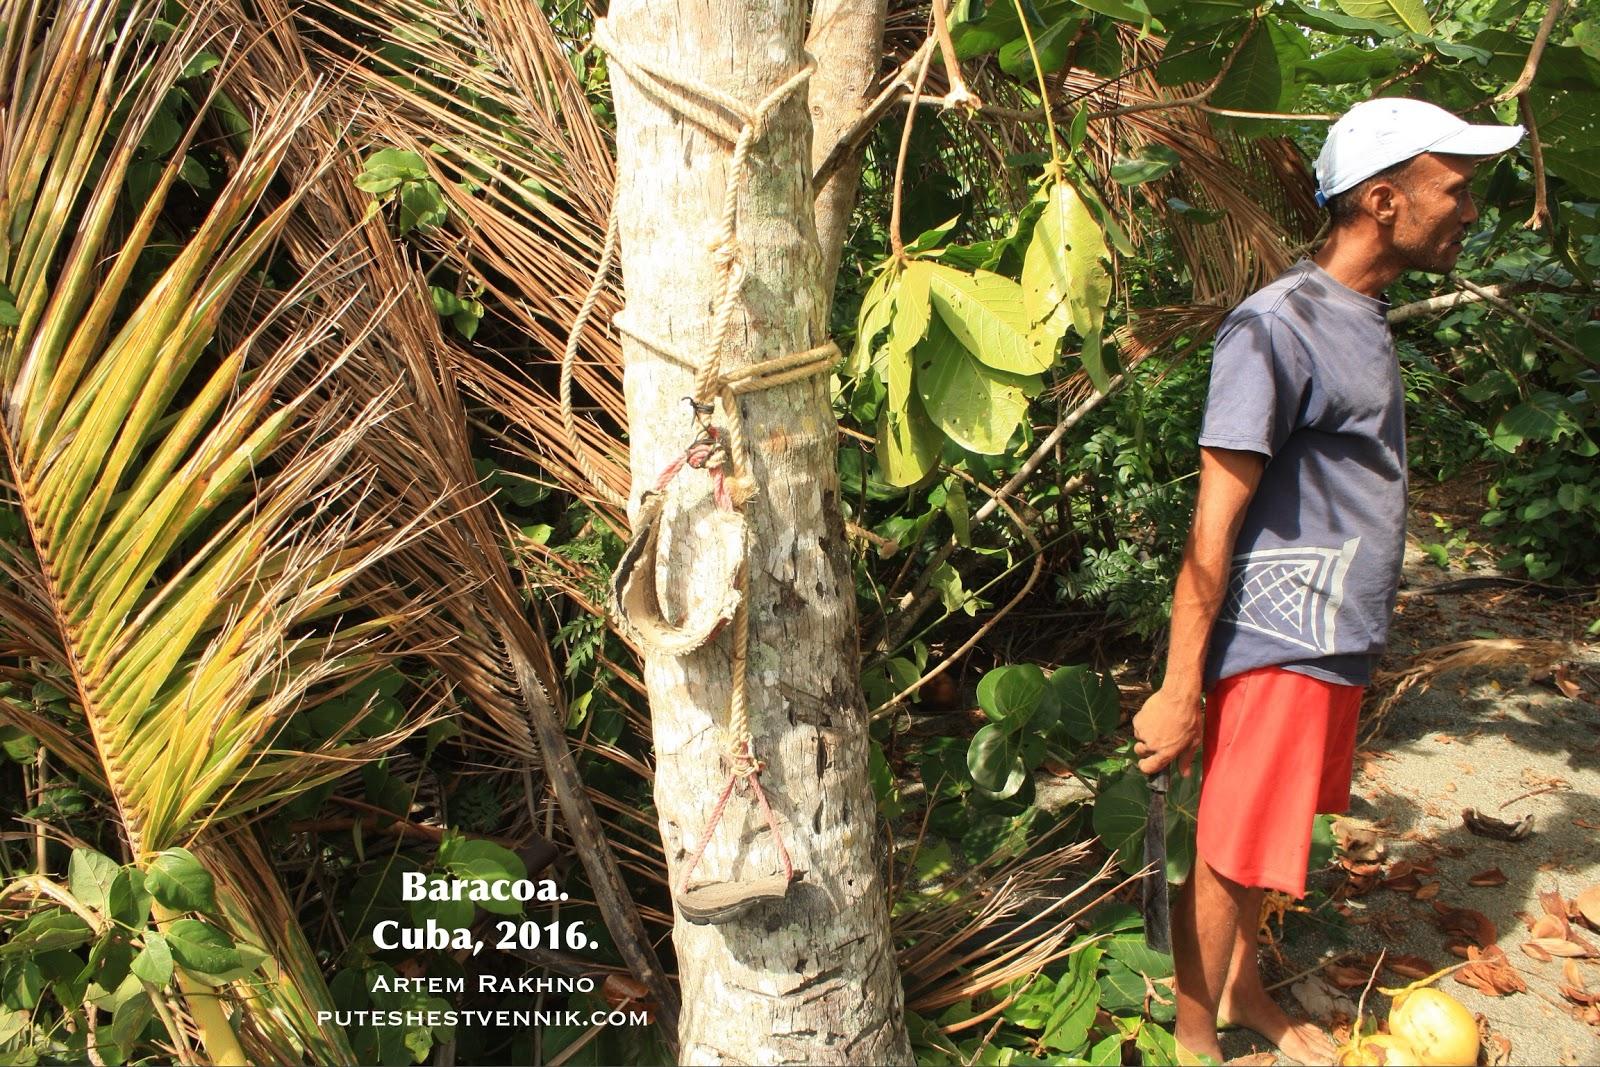 Кубинский собиратель кокосов и его мачете